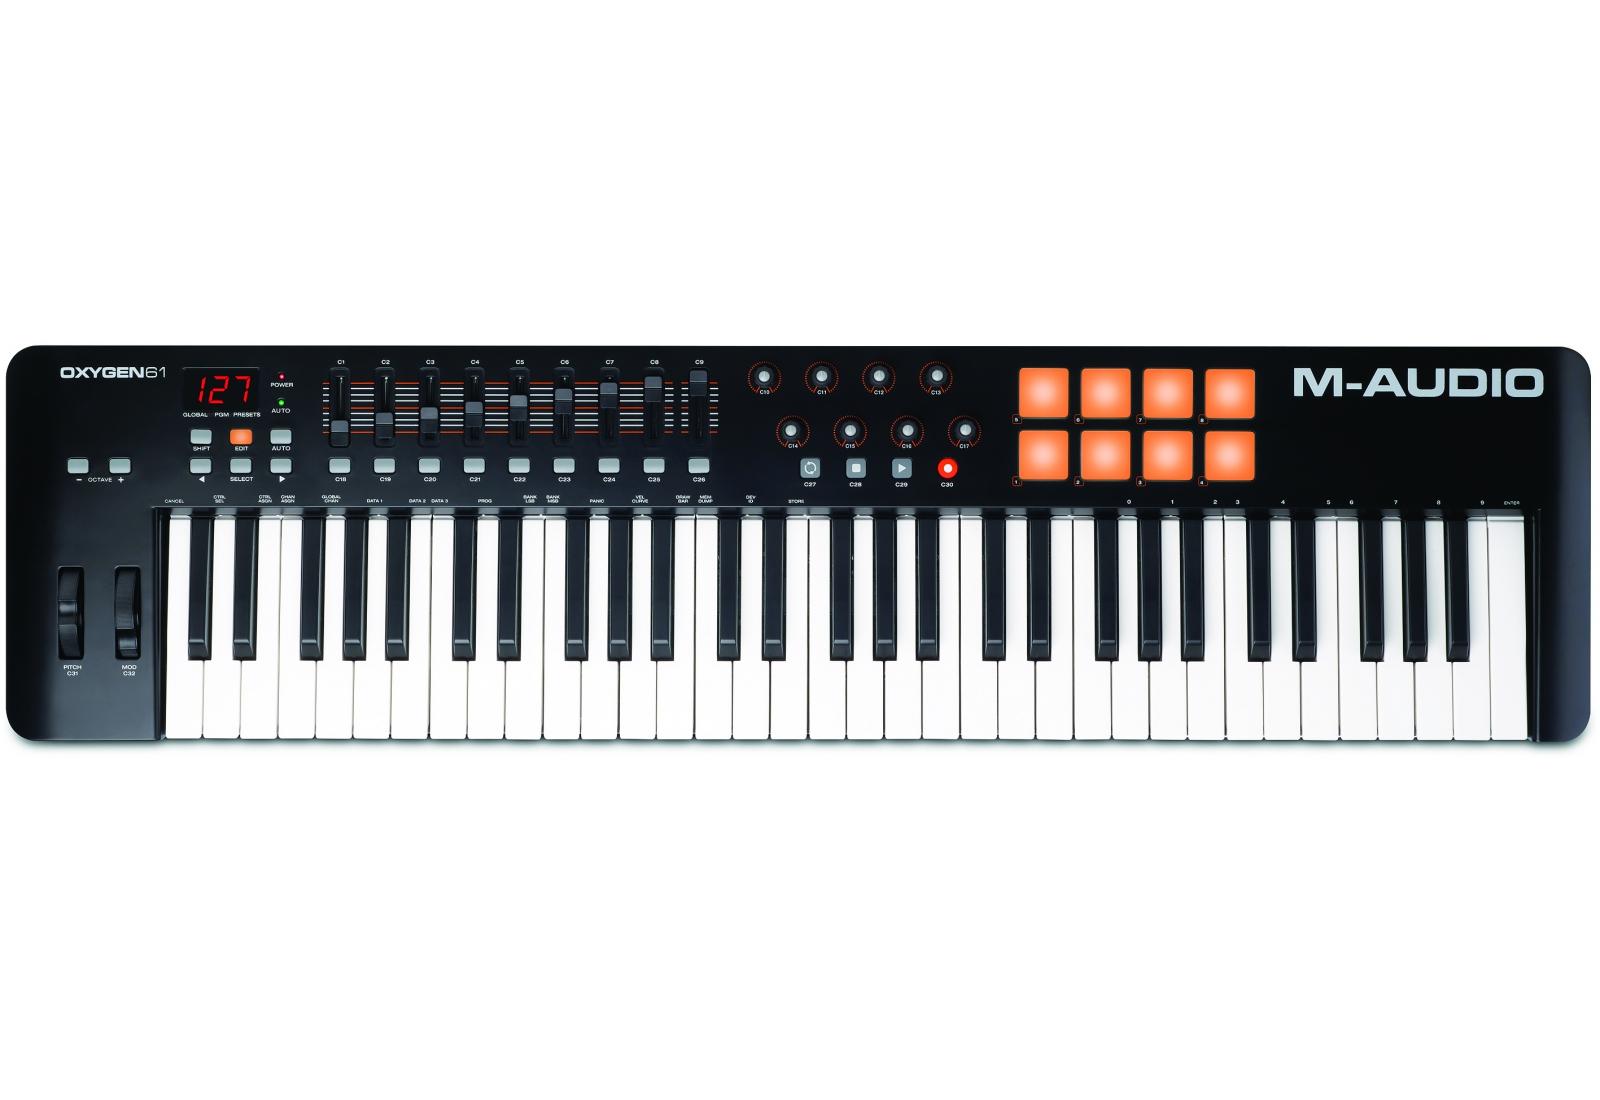 M-Audio Oxygen 61 IV Midi-клавиатураM-AudioM-Audio Oxygen 61 - новый MIDI-контроллер, принадлежащий серии Oxygen, представленной на выставке Musikmesse 2014. Он представляет собой модернизированную и усовершенствованную версию контроллераM-Audio Oxygen 61. Инженеры доработали электронику и механику оригинала, а также дополнили комплектацию устройства, расширив его потенциал.M-Audio Oxygen 61 комплектуется Ableton Live Lite - это одно из наиболее популярных программных обеспечений для профессиональных музыкантов. Эта программа отлично подходит как для студийной работы, так и для воспроизведения музыки в реальном времени. Ableton Live Lite позволяет спонтанно сочинять и записывать музыку, создавать миксы и семплы, редактировать музыкальные композиции в реальном времени. Программа умеет сохранять созданный трек или компоновать его с другими мелодиями.M-Audio Oxygen 61 поставляется также с виртуальными инструментами премиум классаSONiVOX Twist. SONiVOX Twist представляет собой VST/AU/RTAS и AAX спектральной морфинг-синтезатор. Twist имеет удобный и интуитивно понятный интерфейс. Параметры, наиболее ярко изменяющие звучание, выведены на больших размеров регуляторы. Синтезатор оснащен встроенным пошаговым секвенсором и встроенными эффектами.И более того, в комплект входит многотембральная рабочая станцияAIR Music Tech Xpand!2, которая предусматривает 4 активного звукового слота или партии через патч. Каждая партия обеспечена своим собственным миди каналом, зоной, арпеджиатором, модуляцией и эффектами - превосходный способ для создания индивидуальных партий. Используйте четыре партии вместе для построения одного изумительного патча и Xpand!2 раскроет Вам всю свою мощь. Специально для Вас команда AIR Music Tech тщательно создавала тысячу готовых к игре патчей от FM синтезаторов до сэмплов воспроизведенияОсновные особенности:61 полноразмерная клавиша, чувствительная к скорости нажатияЖК экранАвто-маппинг на популярные DAW: Ableton Live, Pro Tools, Logic, CubaseКомплектуется 